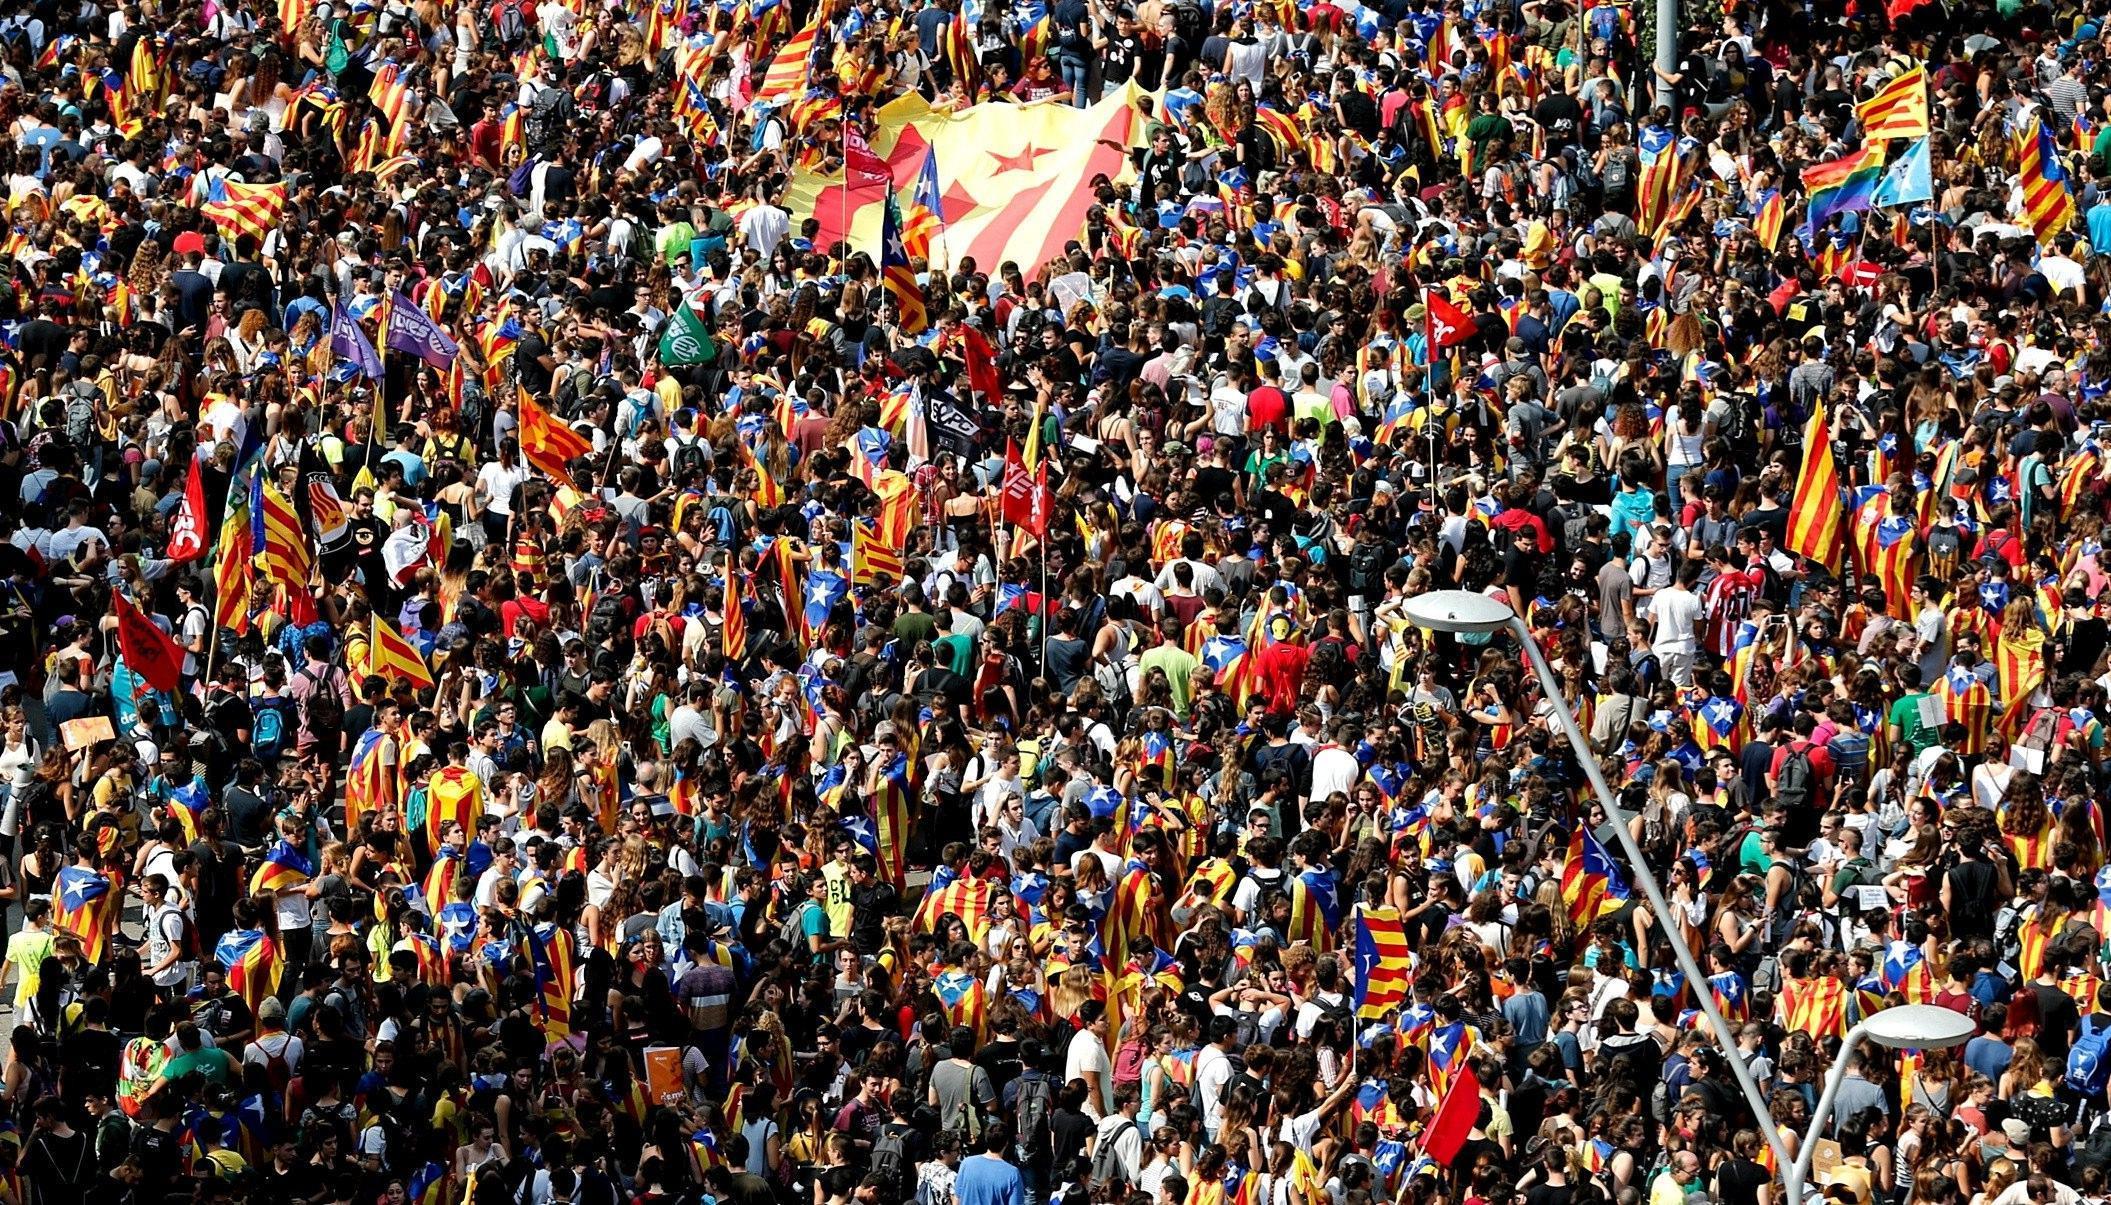 Referendum sull'indipendenza della Catalogna, tensioni in Spagna: cosa sta succedendo